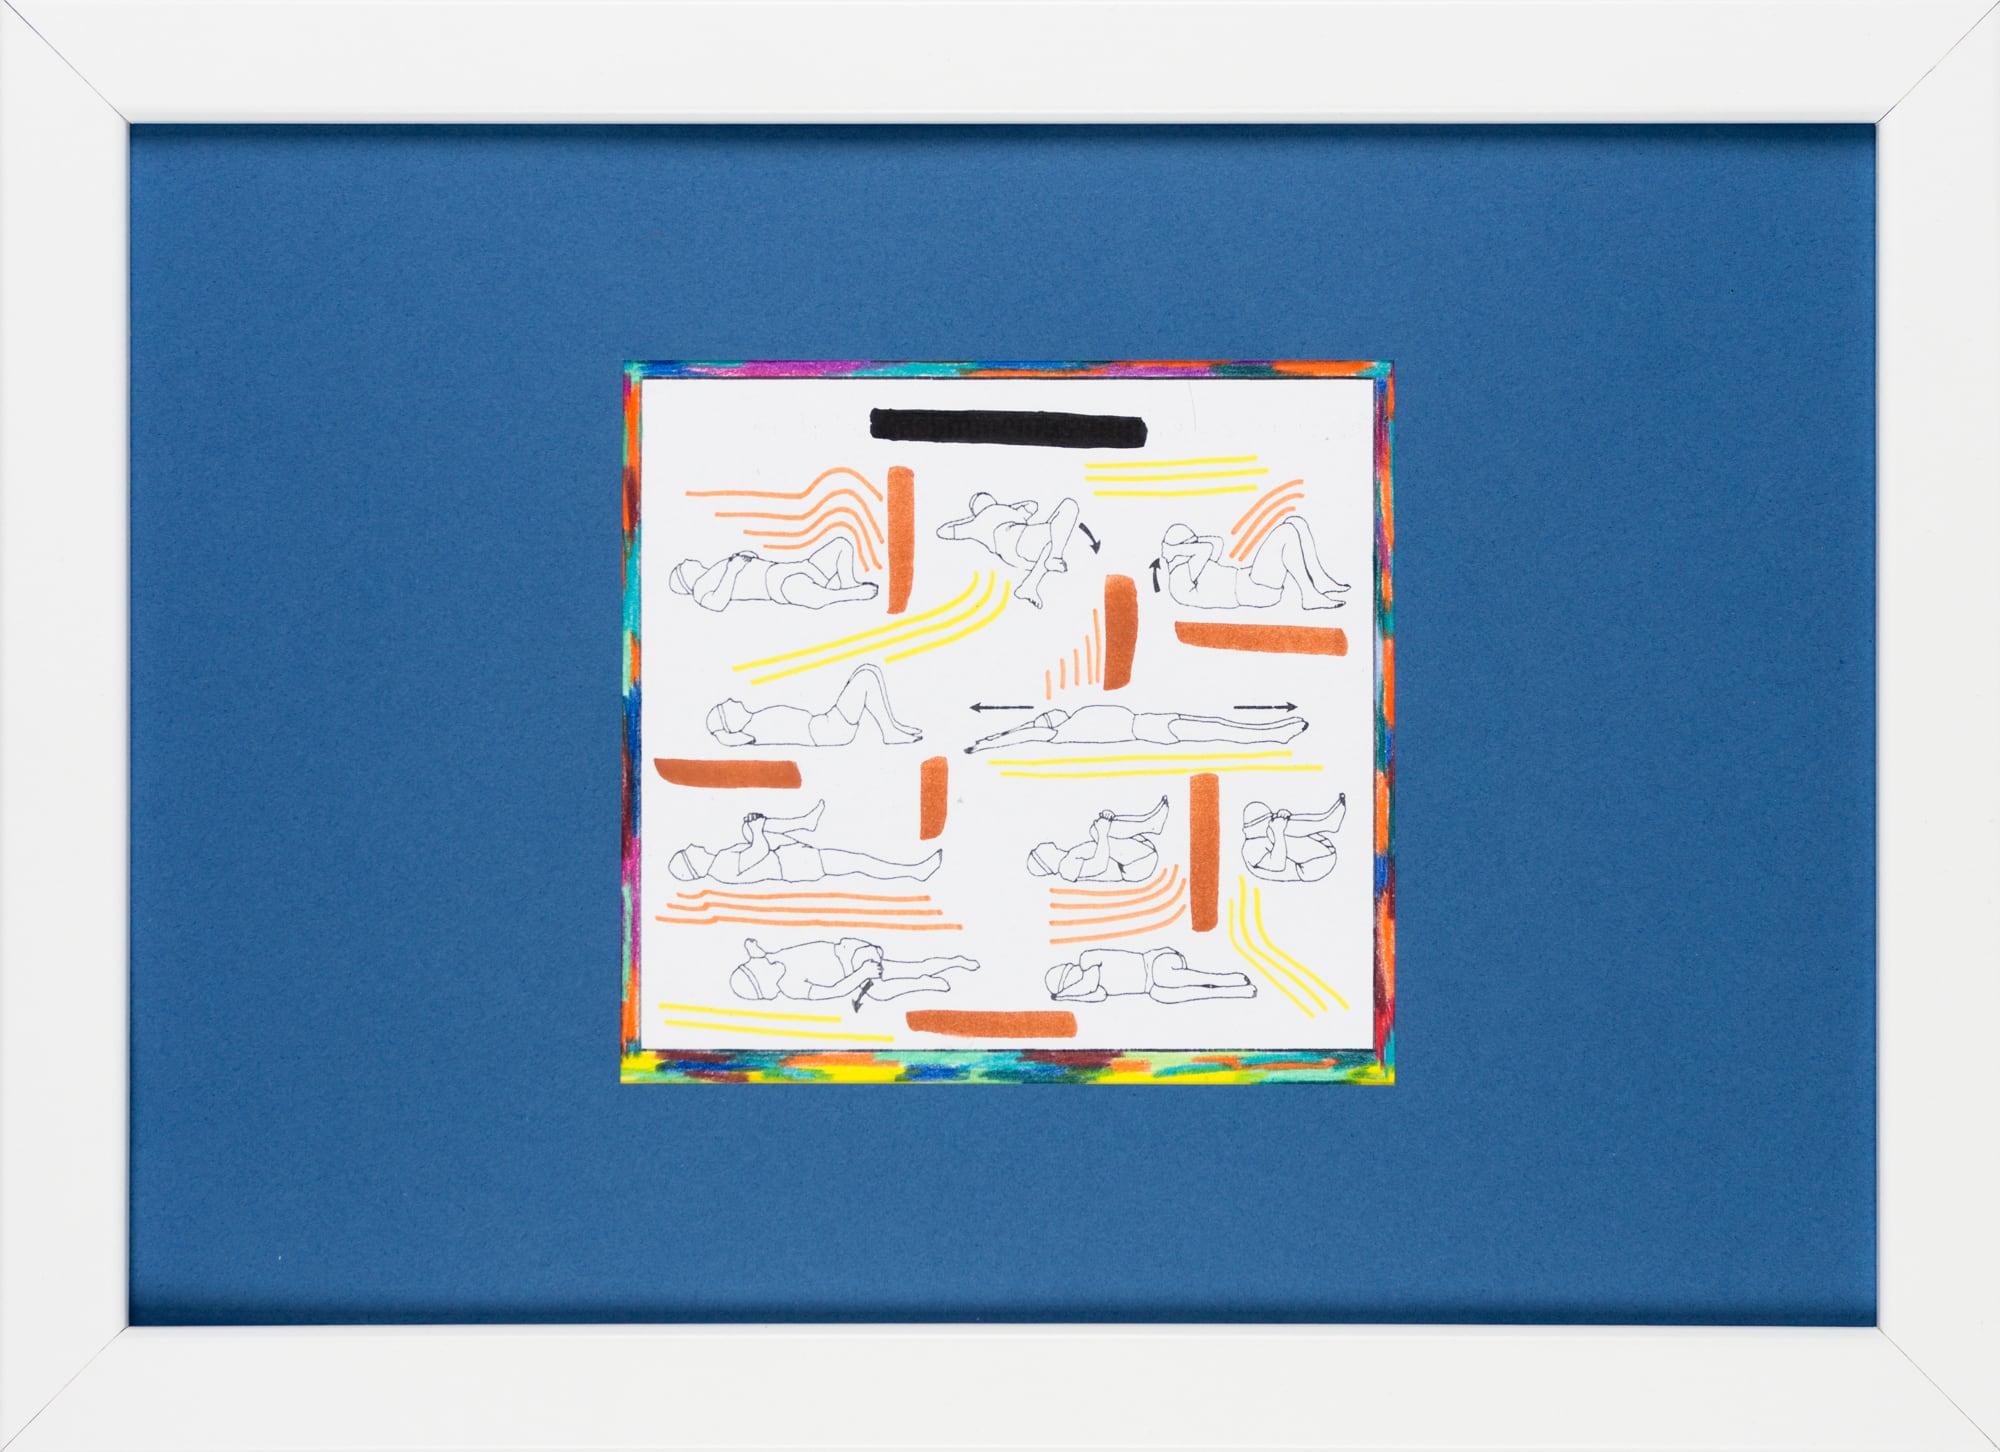 Übermalung und Mischtechnik auf Papier, 12,8x12cm, Originalgrafik zum gleichnamigen Booklet, Künstlerin: Franziska King